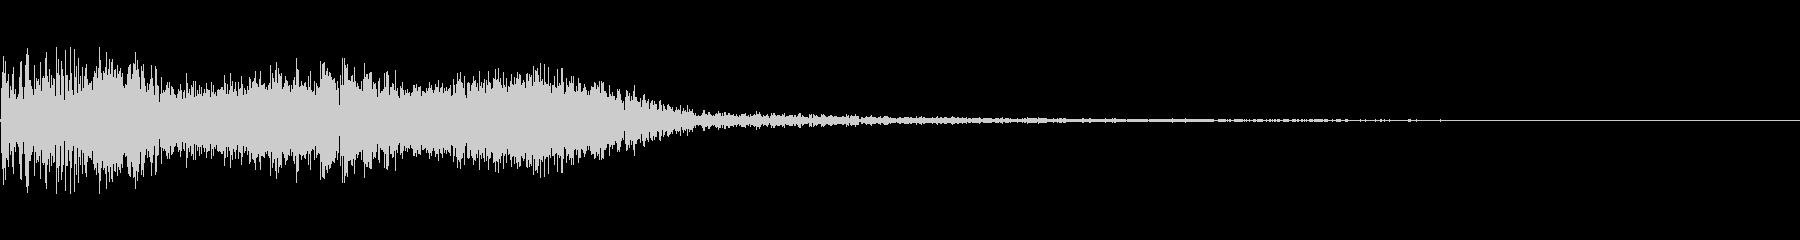 チュイン(エネルギーを具現化する音)の未再生の波形